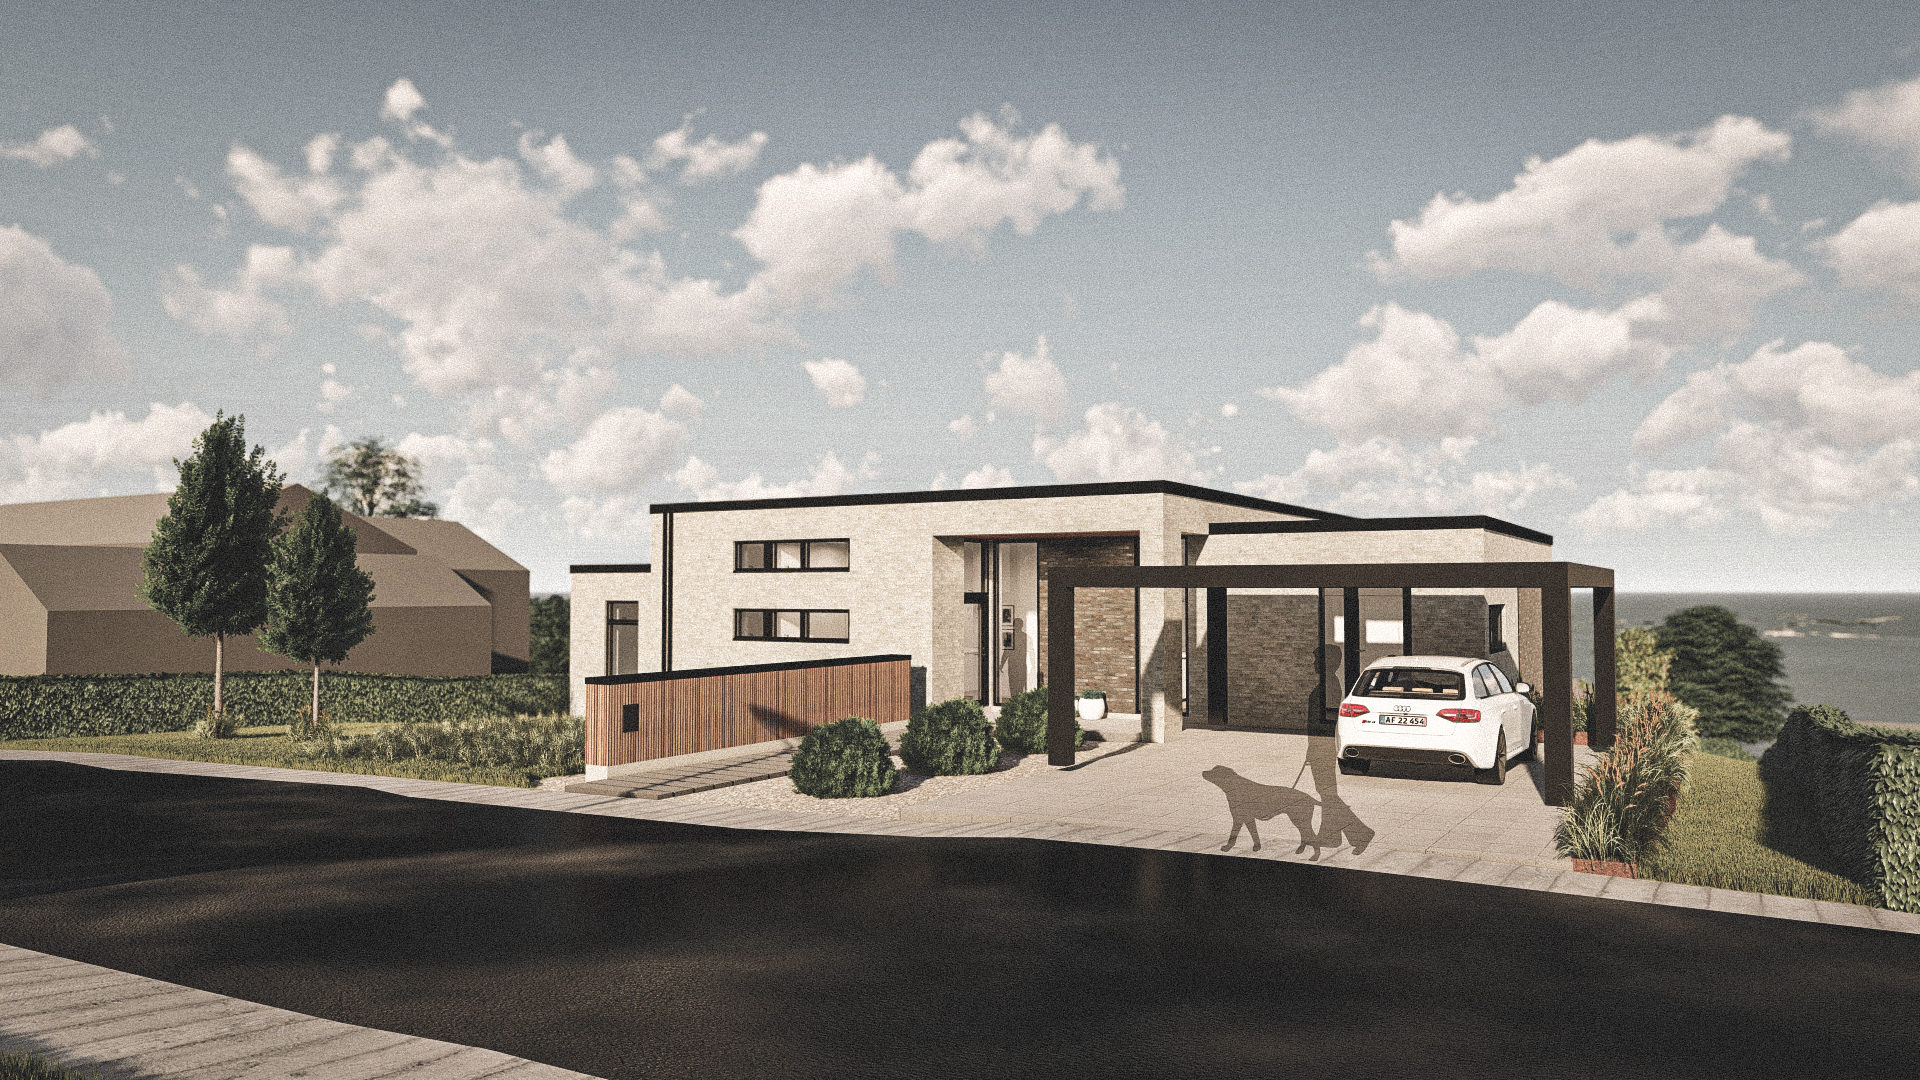 Billede af Dansk arkitekttegnet 1 plan villa af arkitektfirmaet m2plus, i Viborg på 200 kvartratmeter.